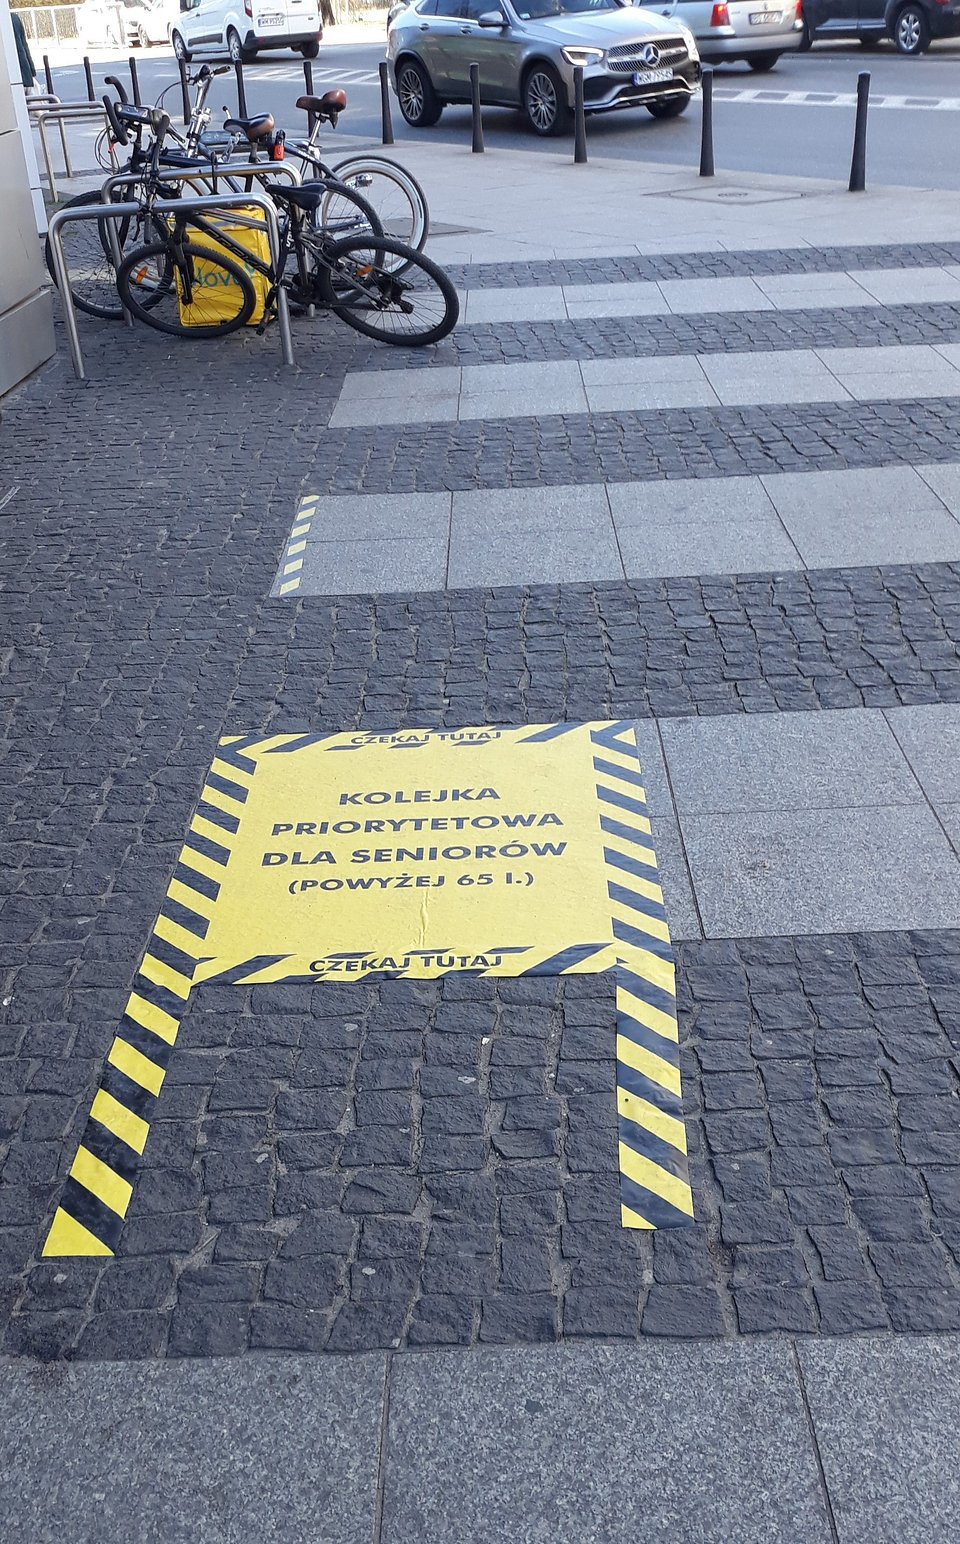 Przykładowe oznaczenie dla seniorów przed sklepem przy ul. Dolnej 3 w Warszawie